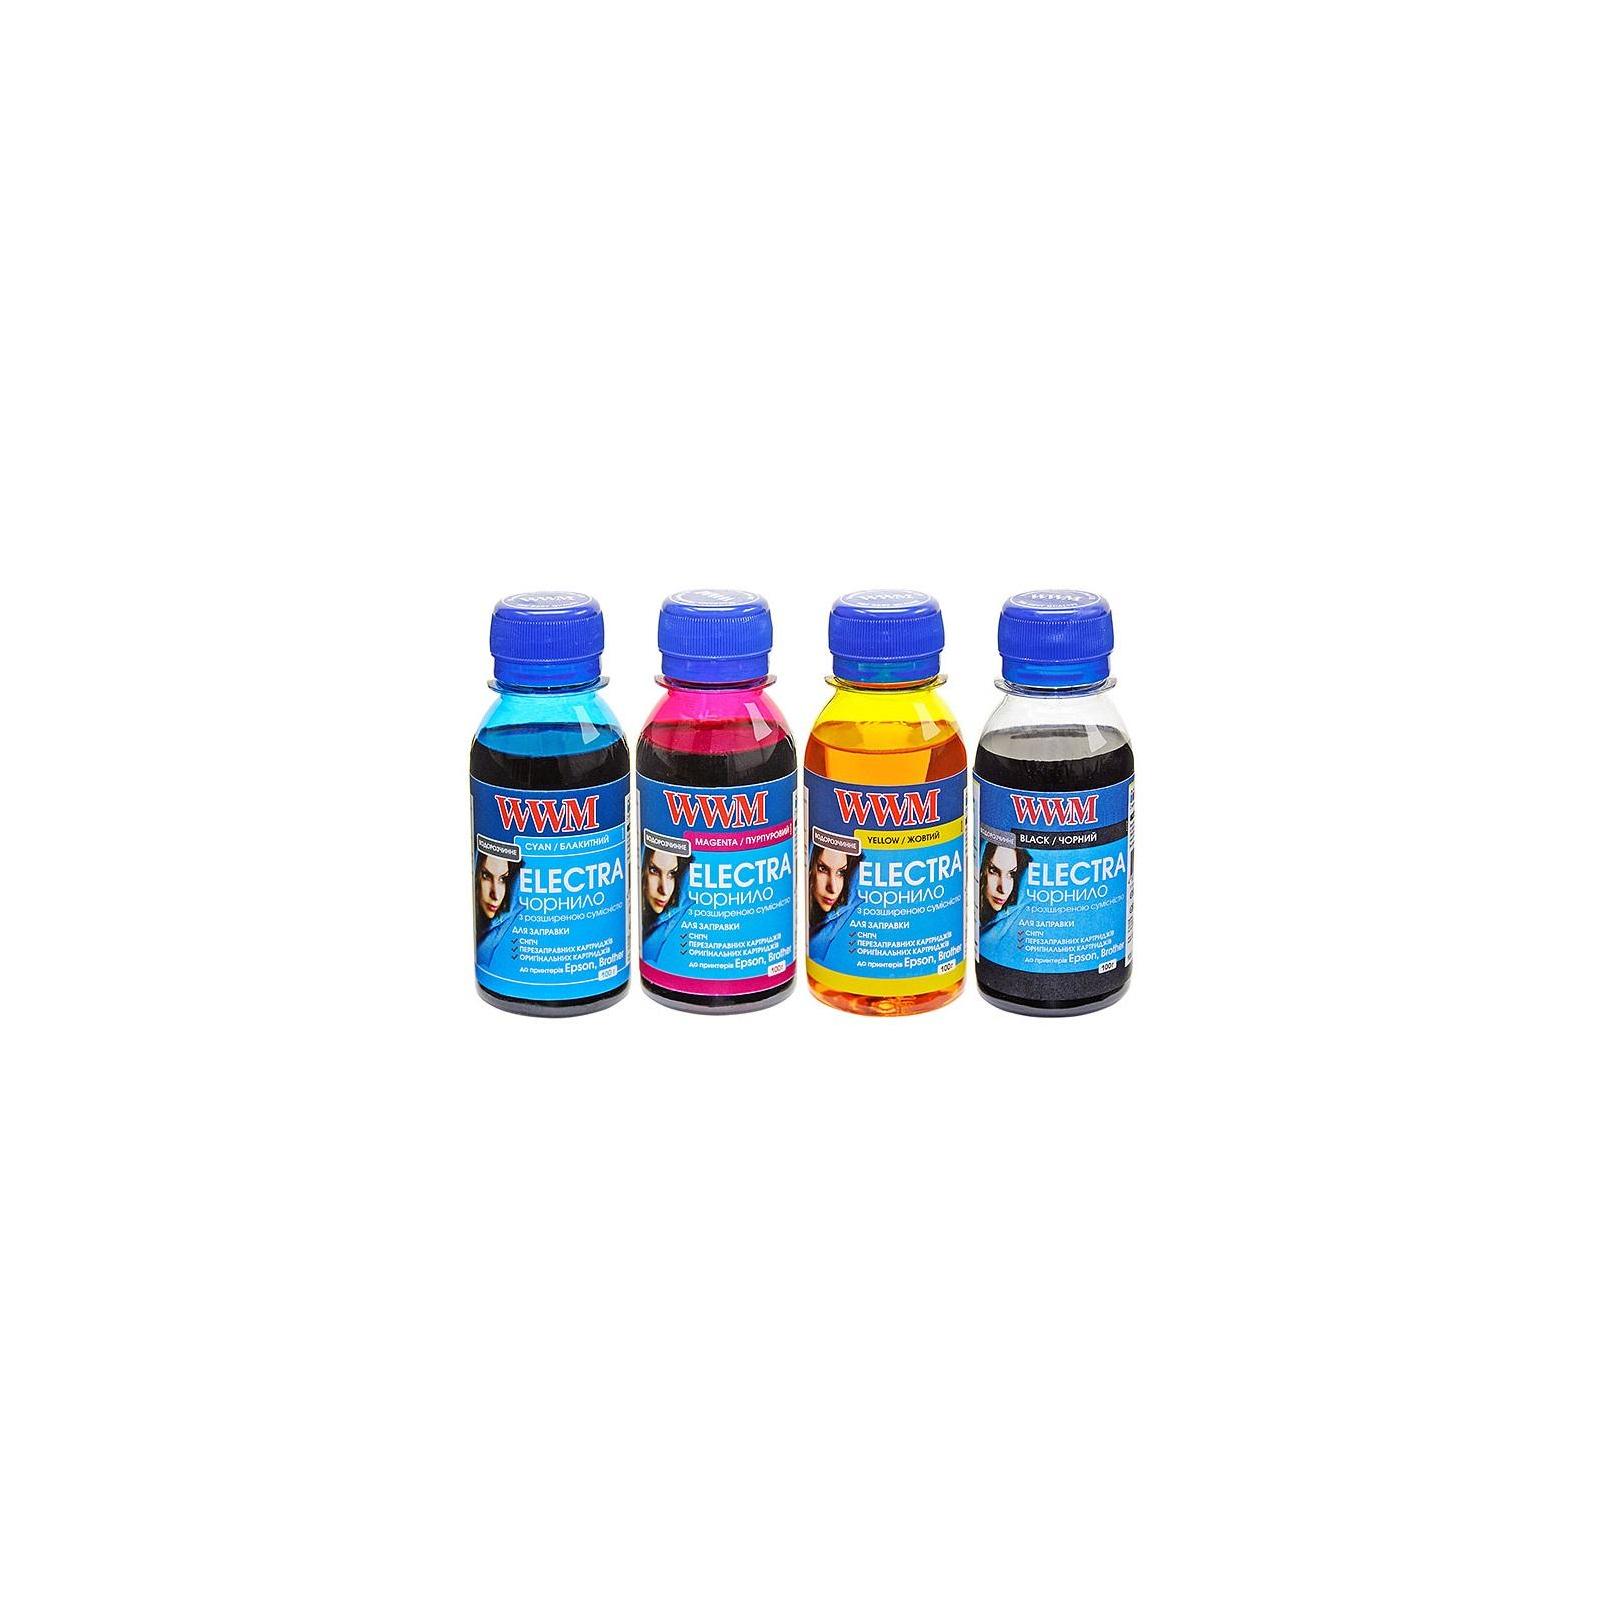 Чернила WWM EPSON ELECTRA В/C/M/Y SET (ELECTRA/SET.4-2)